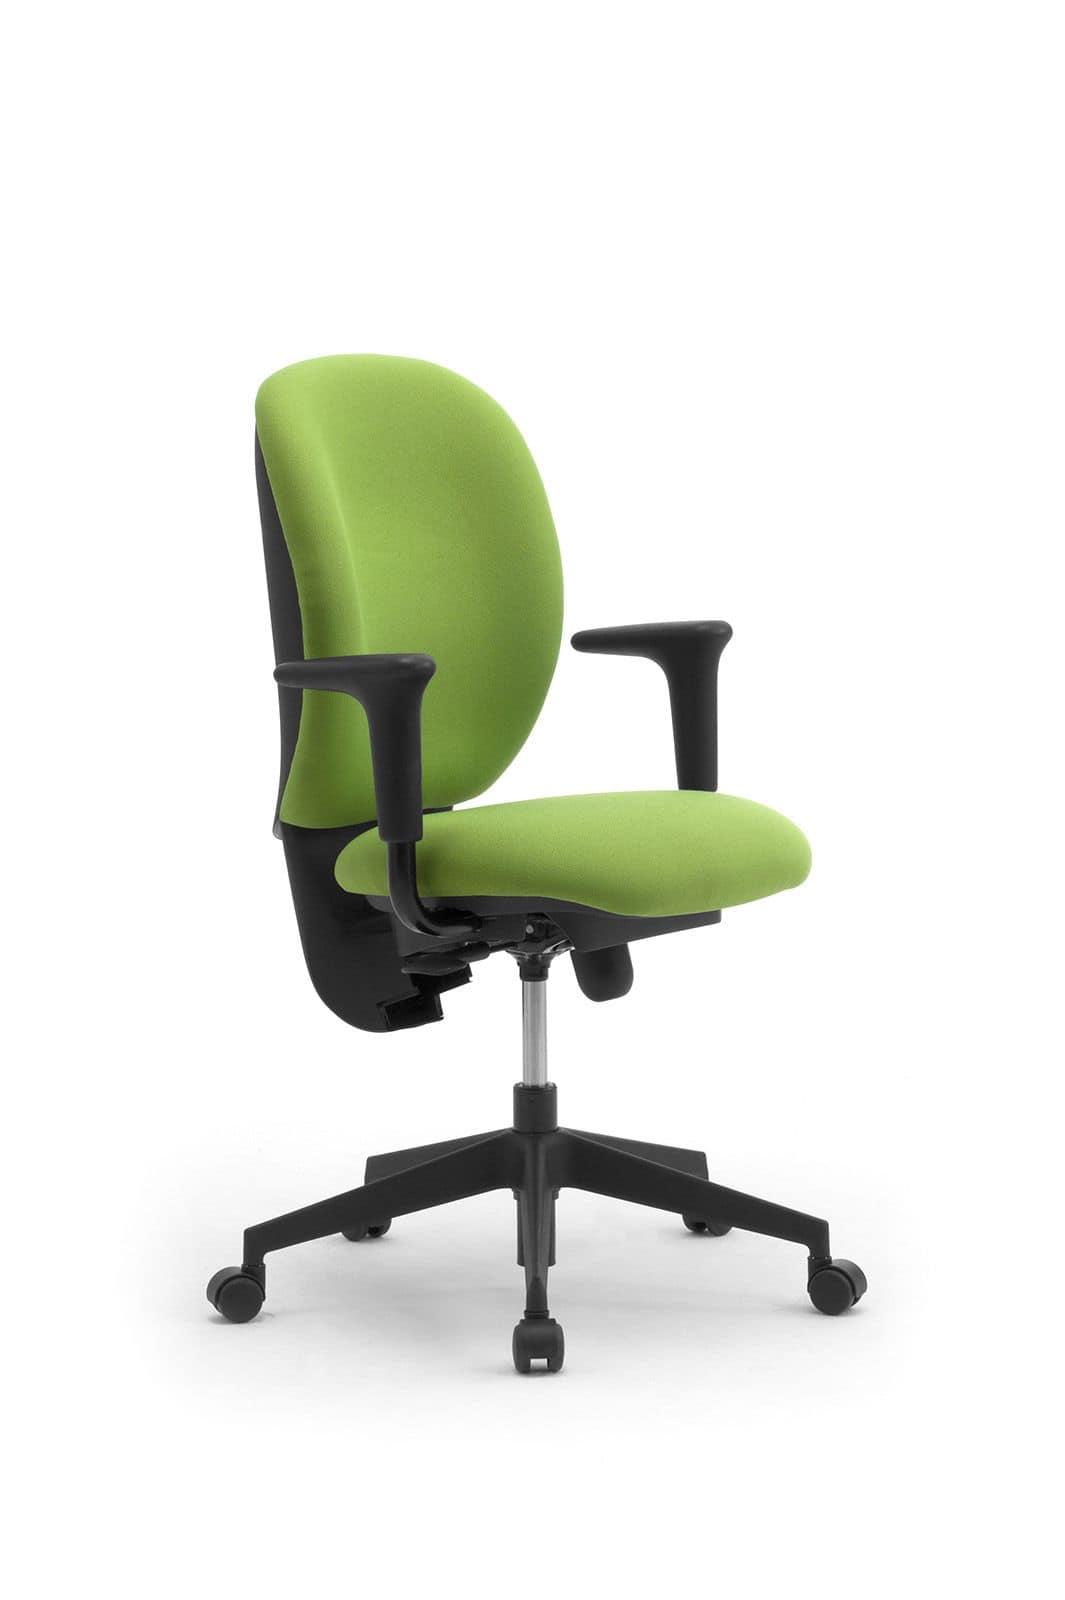 Gummy operativa 09605, Sedia operativa per ufficio, ergonomica e regolabile